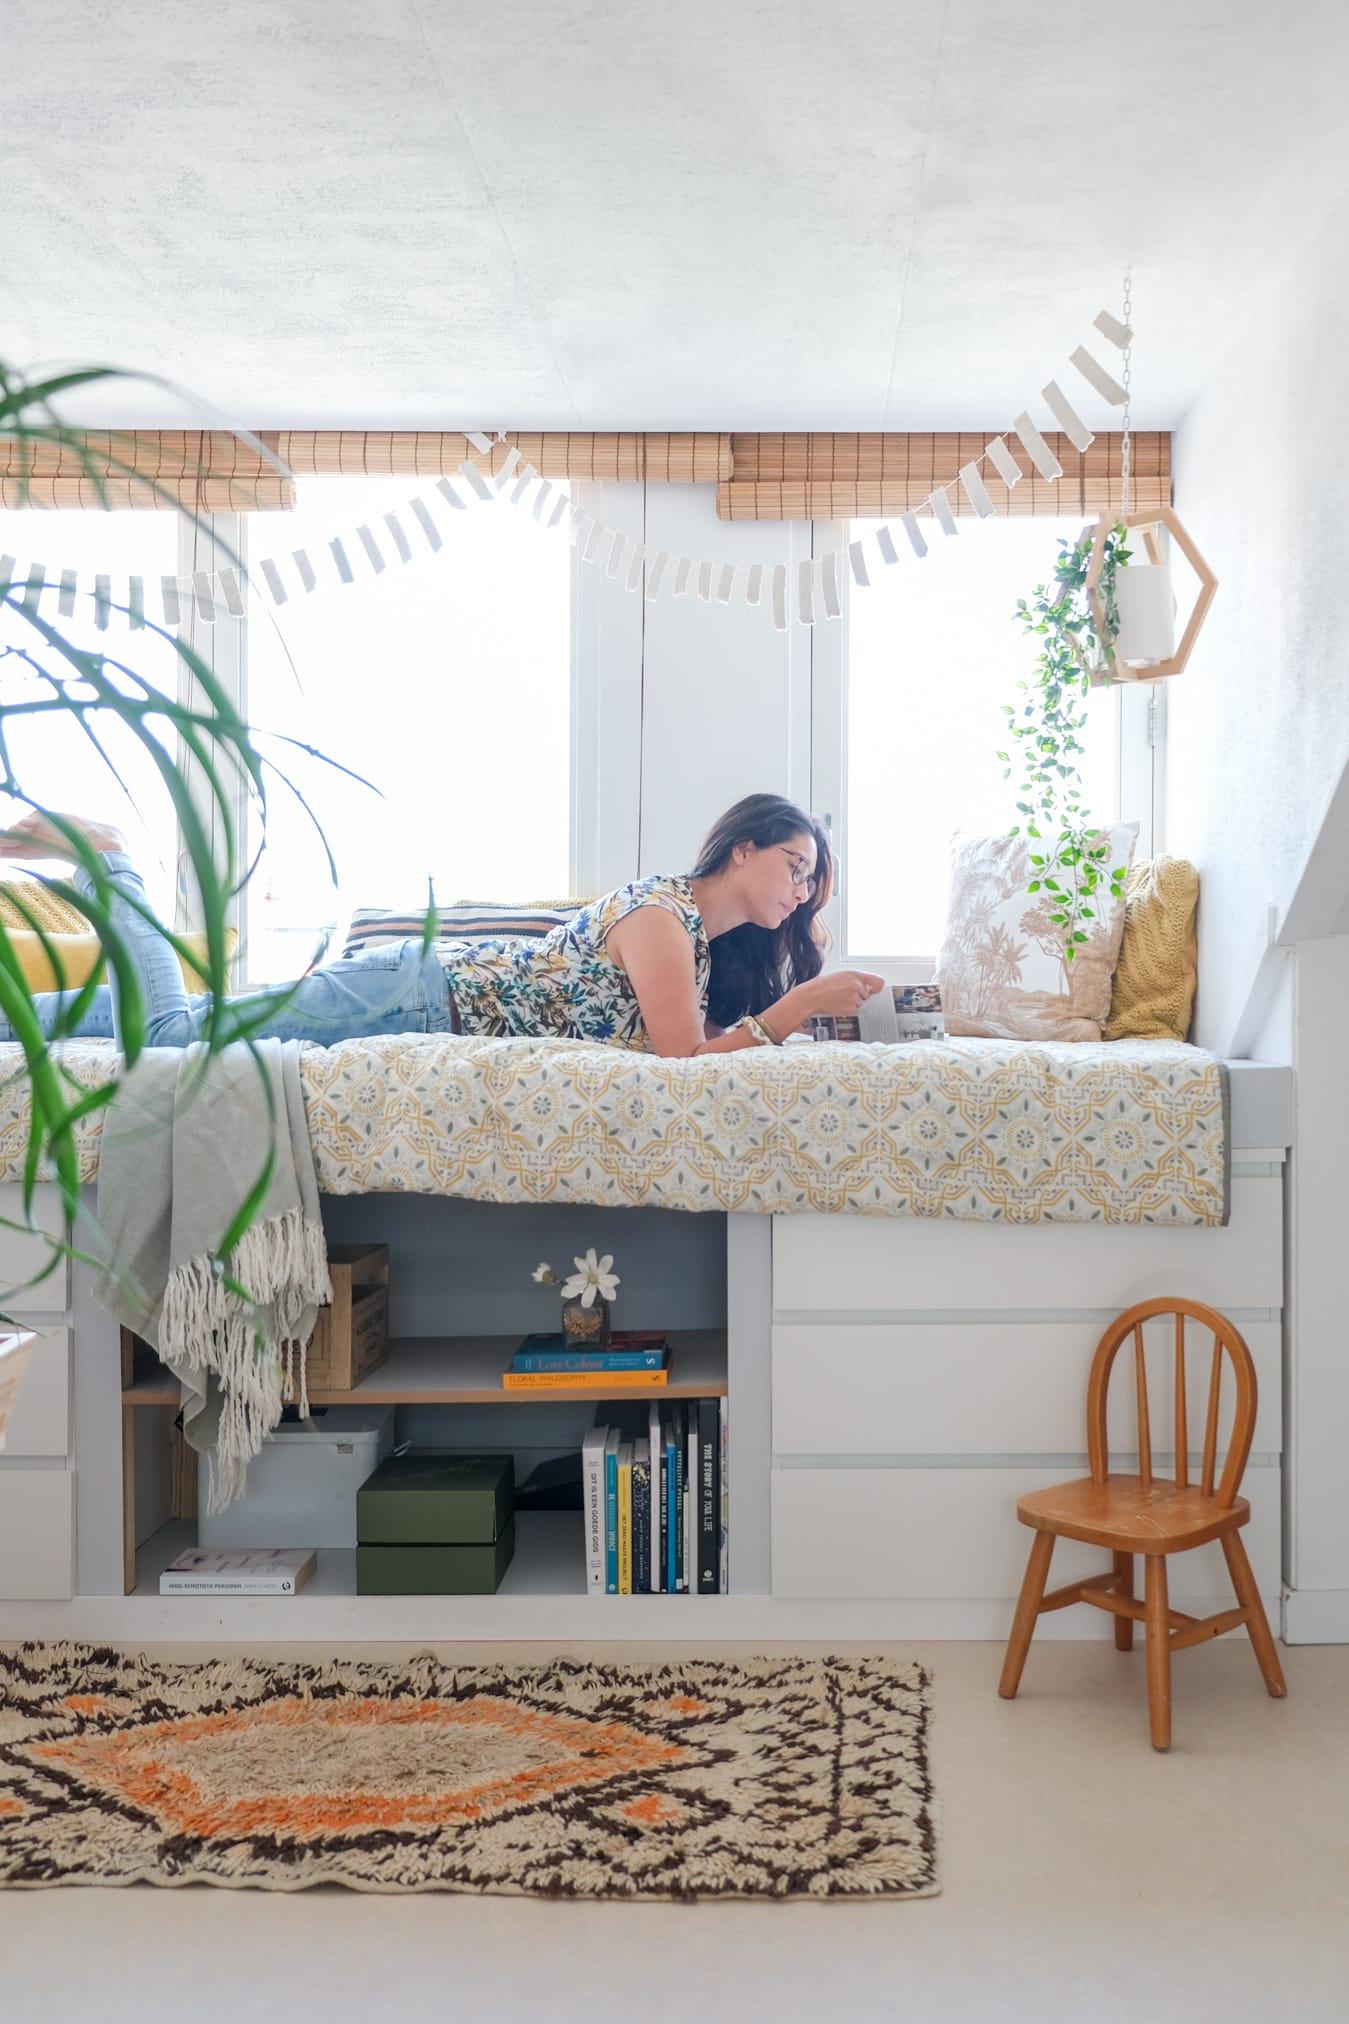 zolderruimte slaapkamer